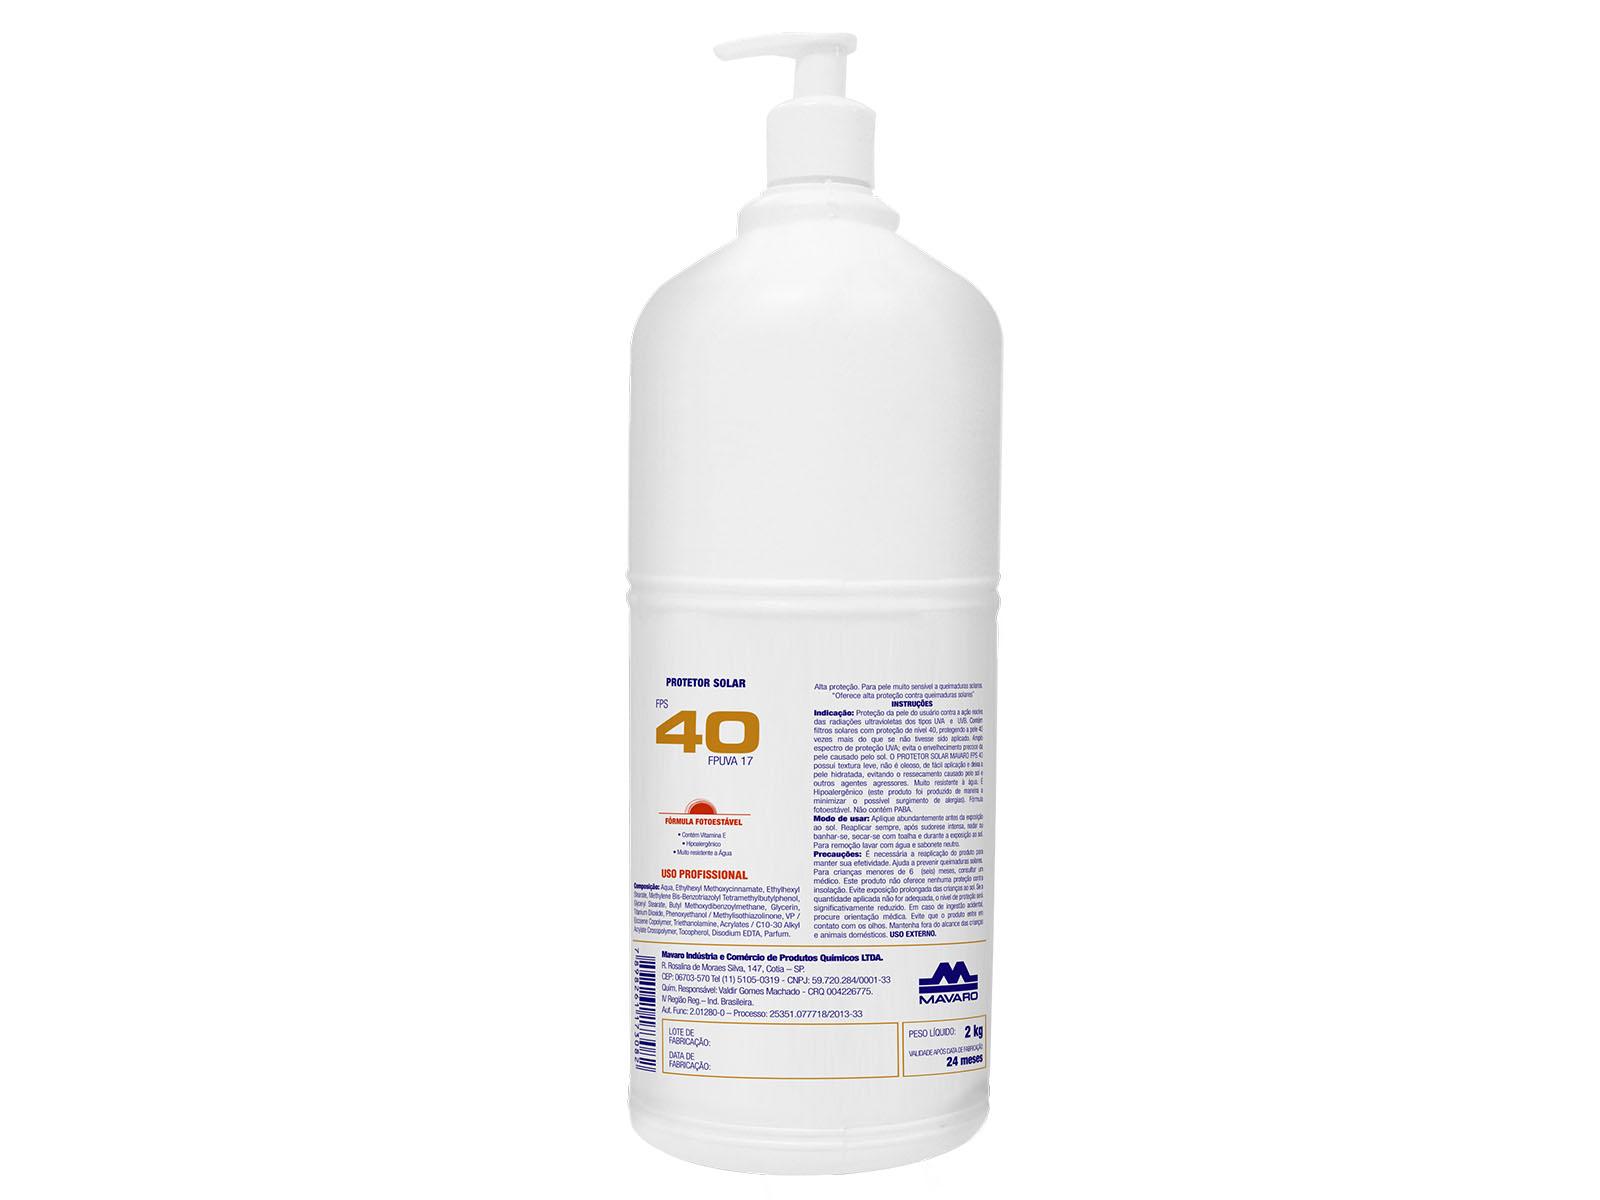 Protetor Solar Profissional FPS 40 eficaz contra a ação nociva das radiações UVA e UVB.